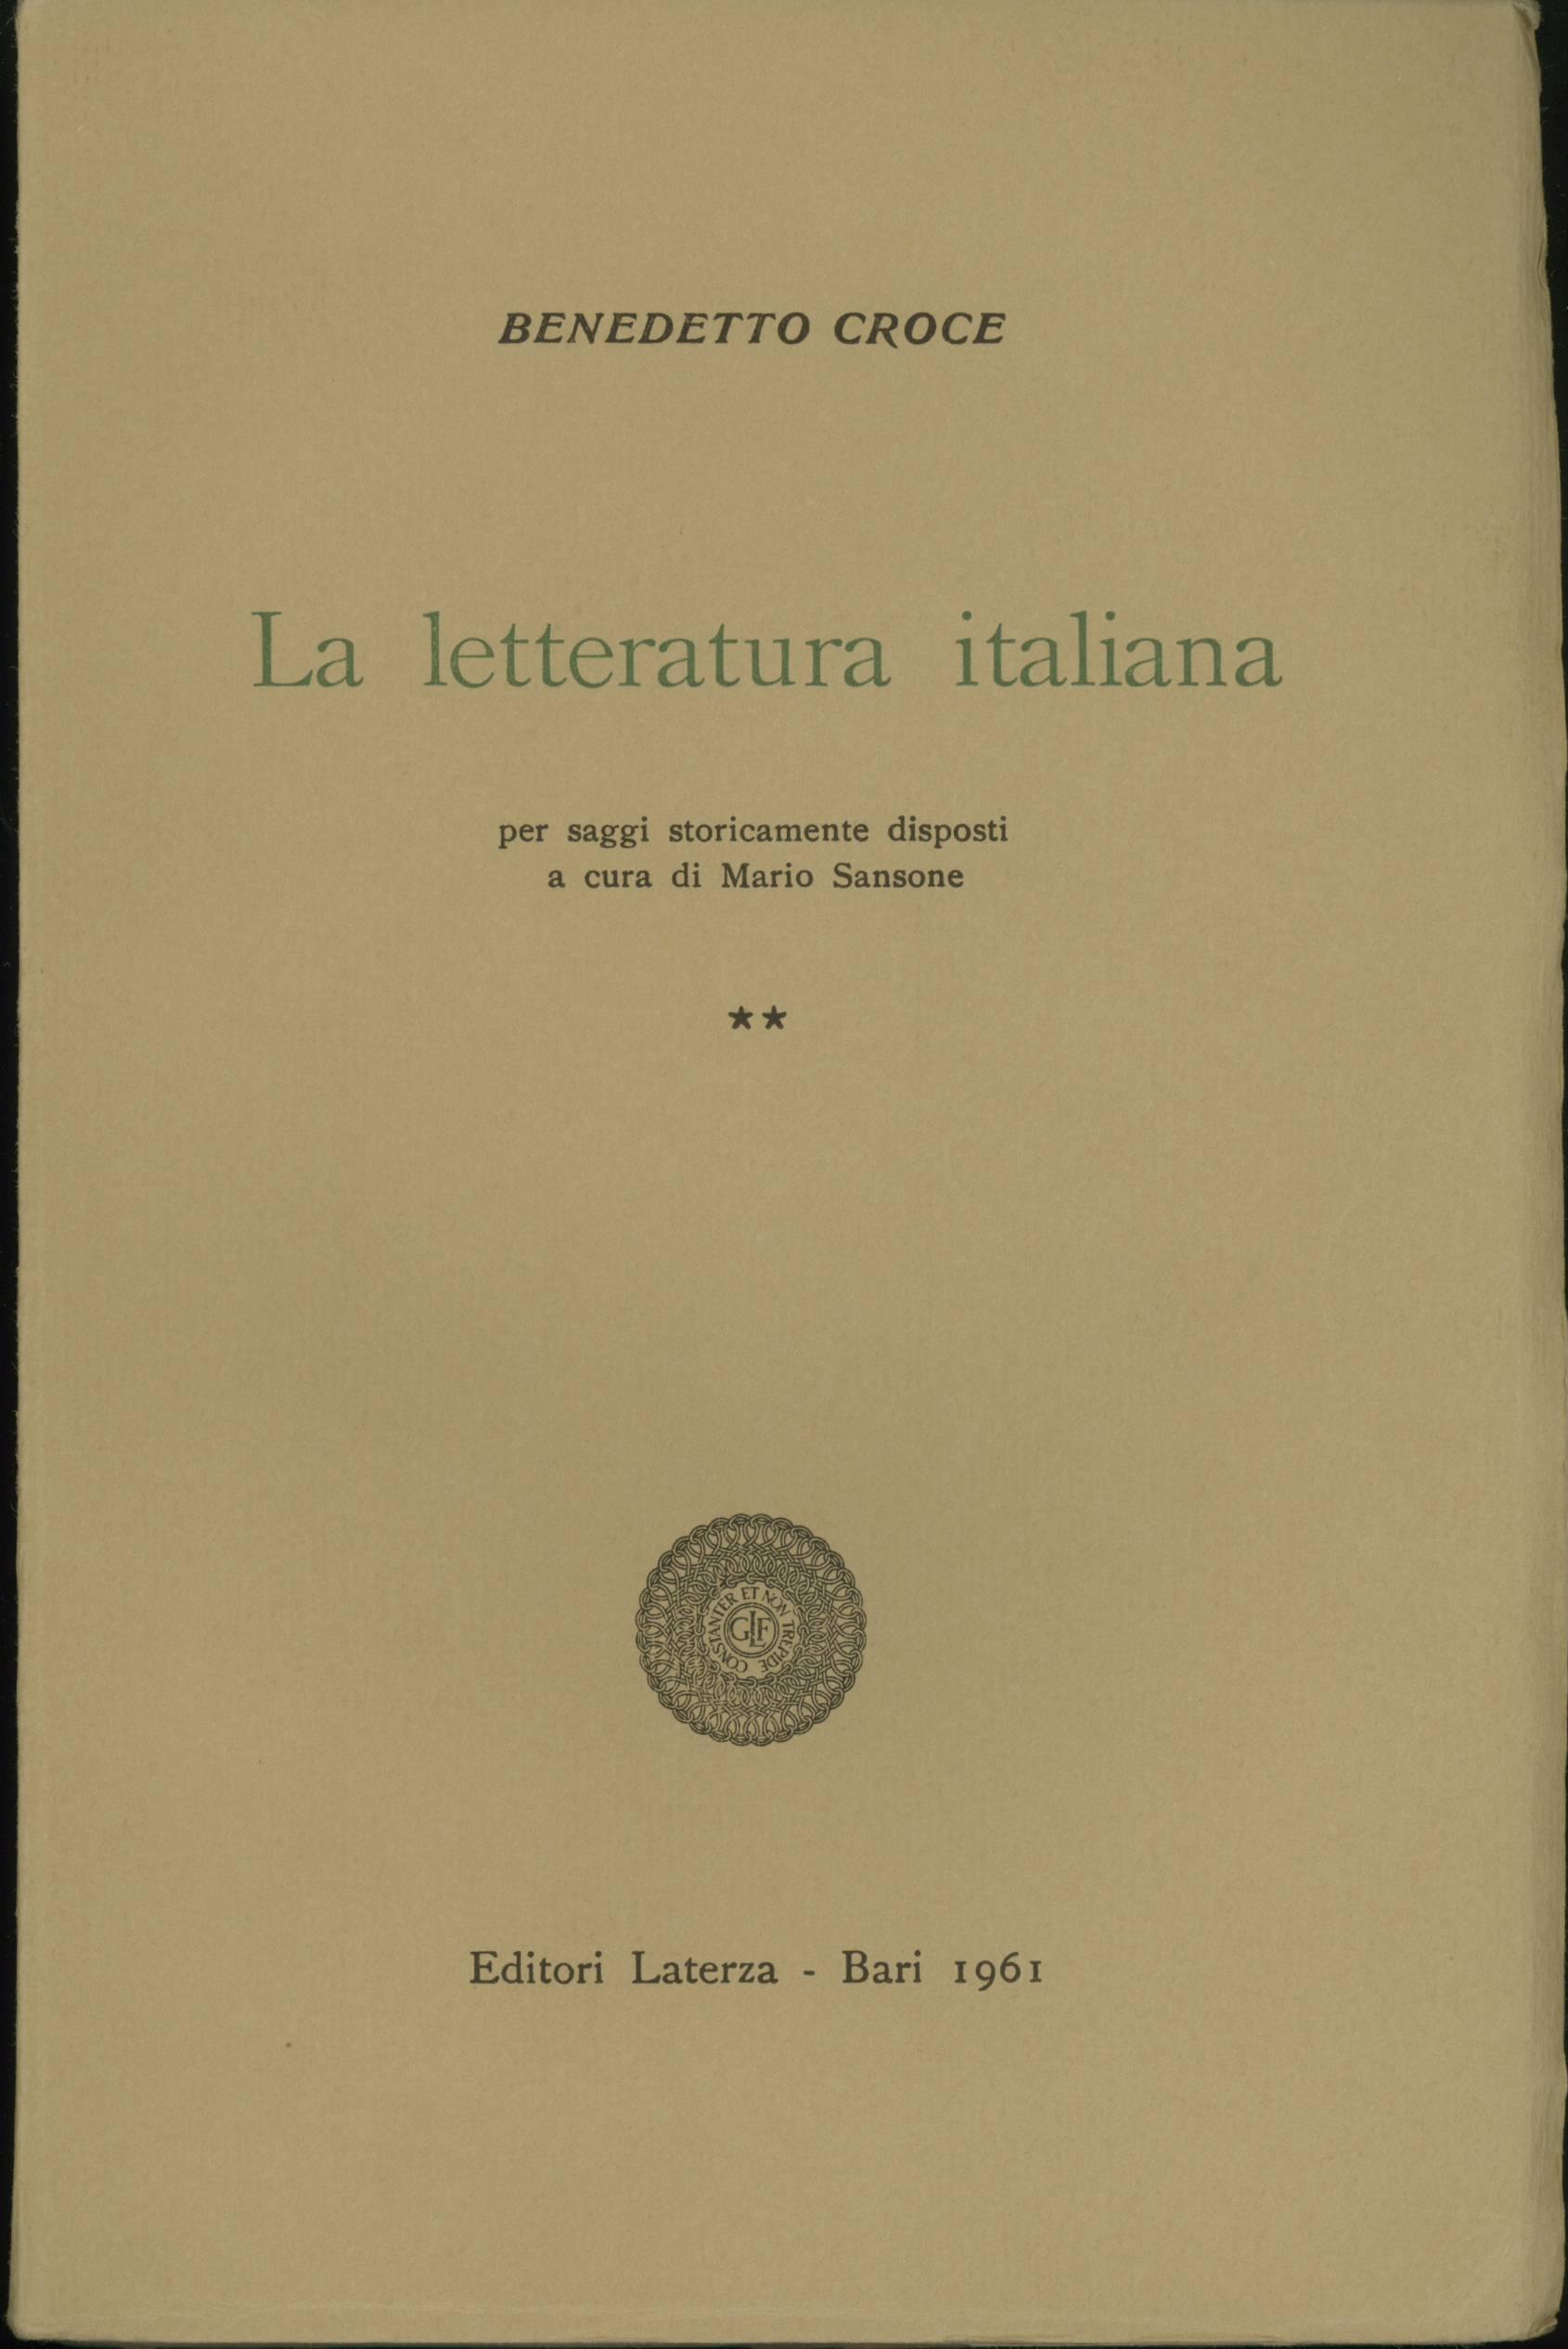 La Letteratura italiana per saggi storicamente disposti - II